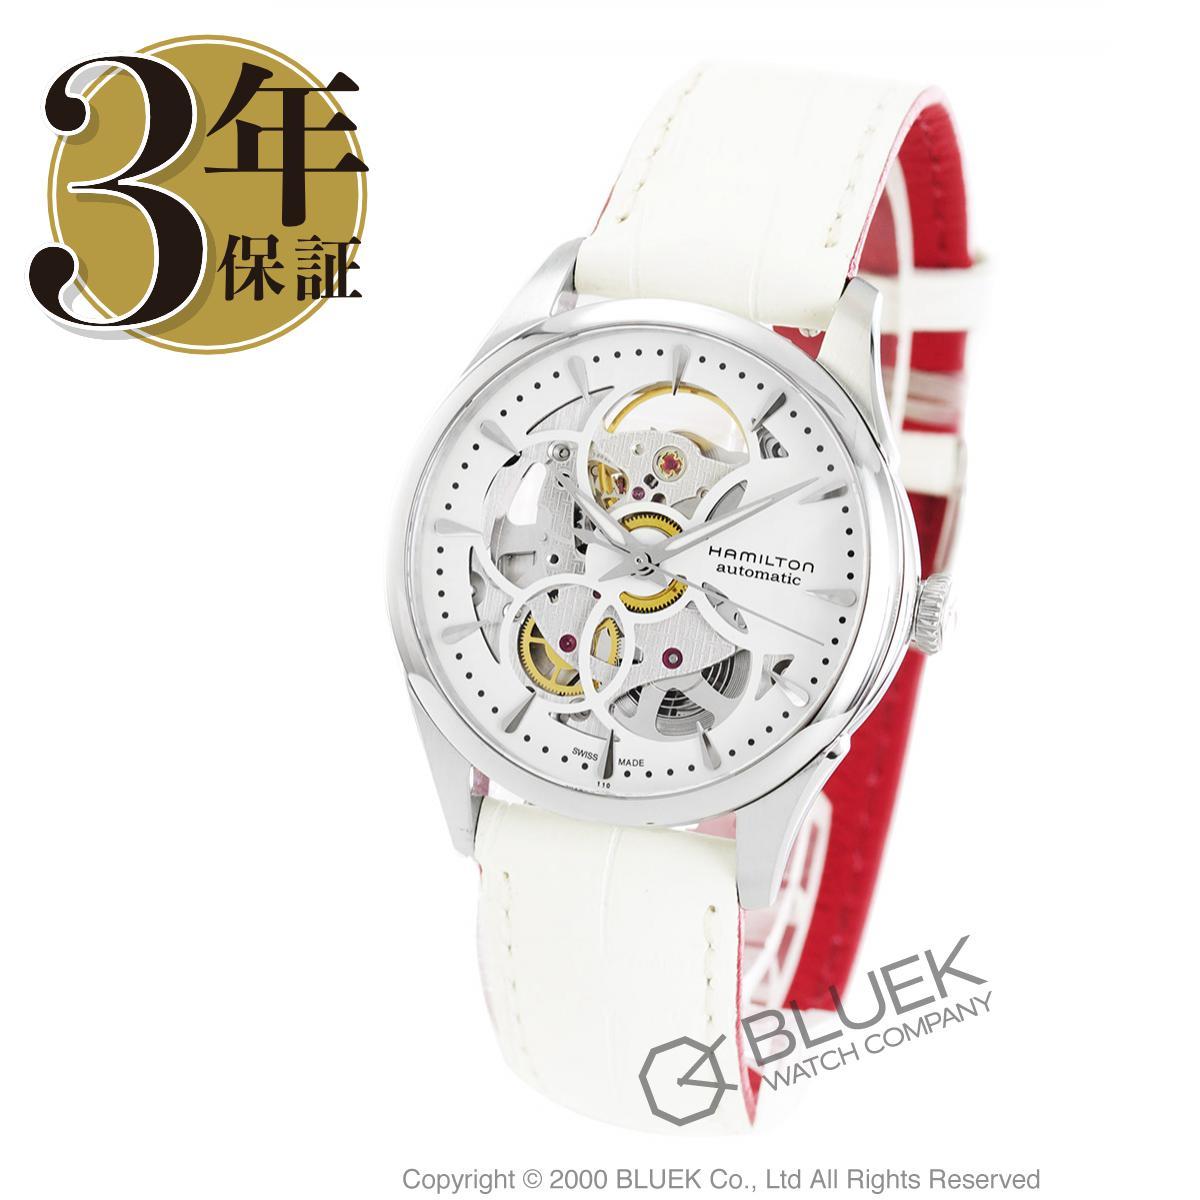 ハミルトン ジャズマスター ビューマチック スケルトン レディ 腕時計 レディース HAMILTON H32405811_8 バーゲン ギフト プレゼント